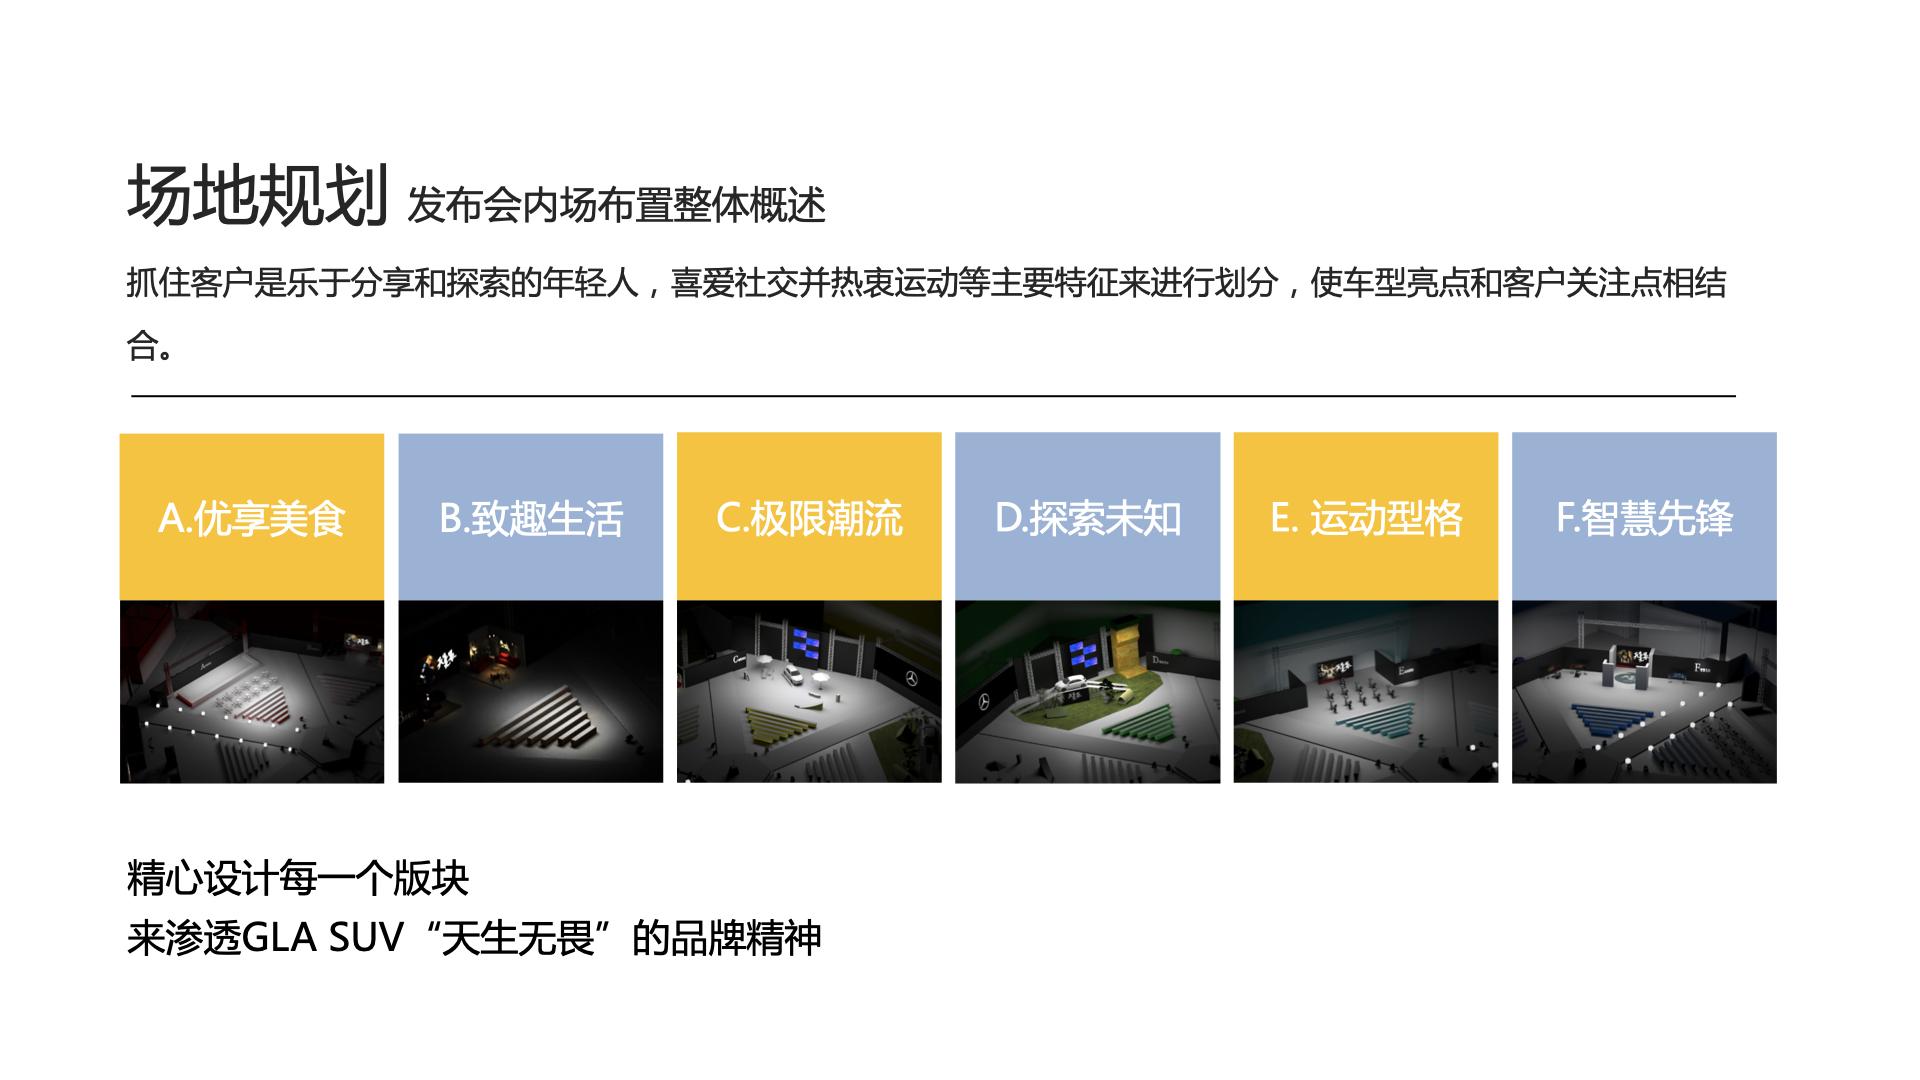 【公司-企业介绍】达岸品牌营销机构20200526.102